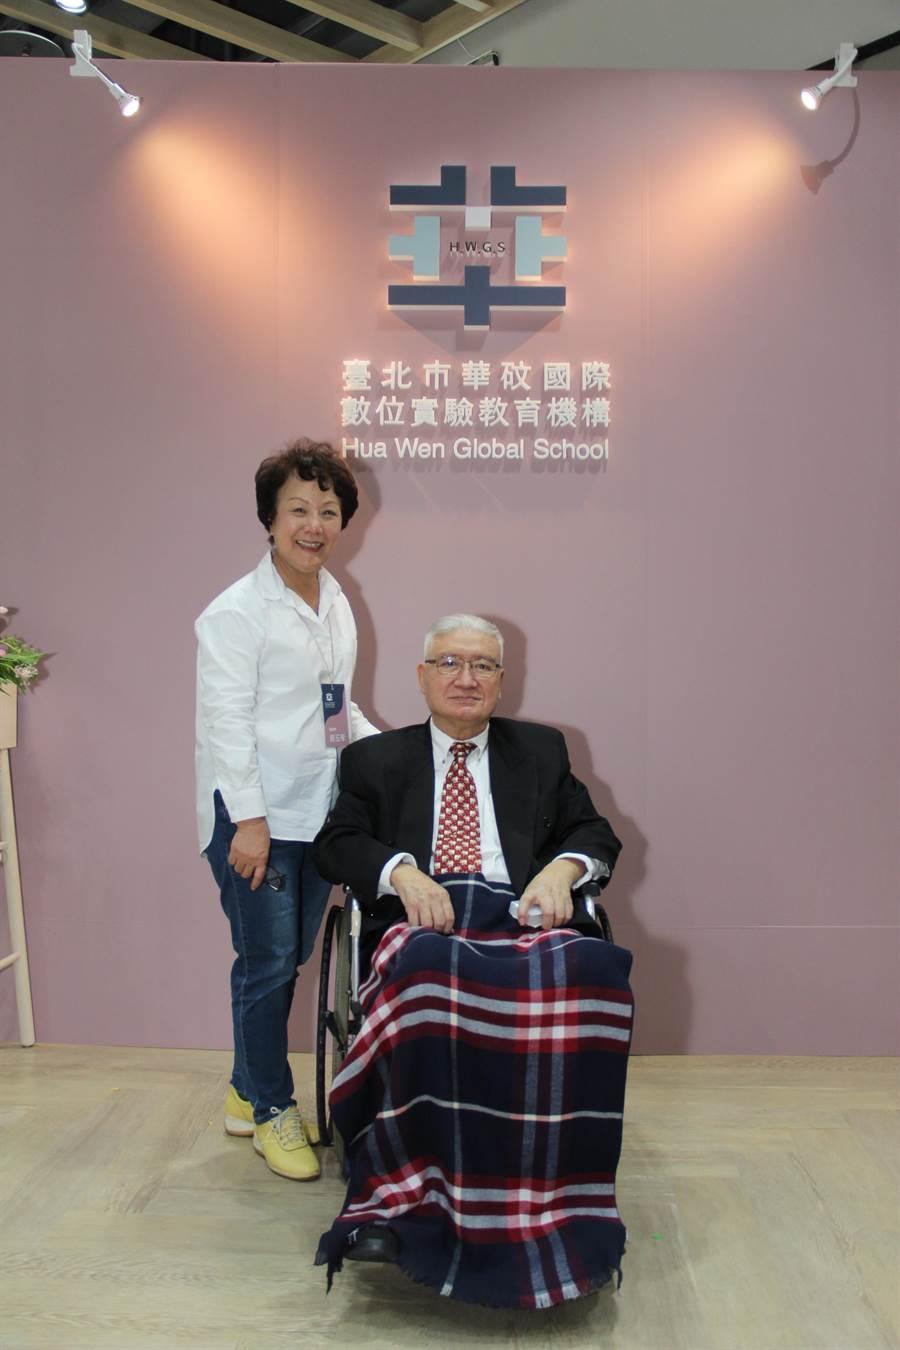 華砇國際數位實驗教育機構創辦人石滋宜博士、校長龍玉琴以培育孩子成為「幸福的全球公民」為最大心願。(華砇國際數位實驗教育機構提供)